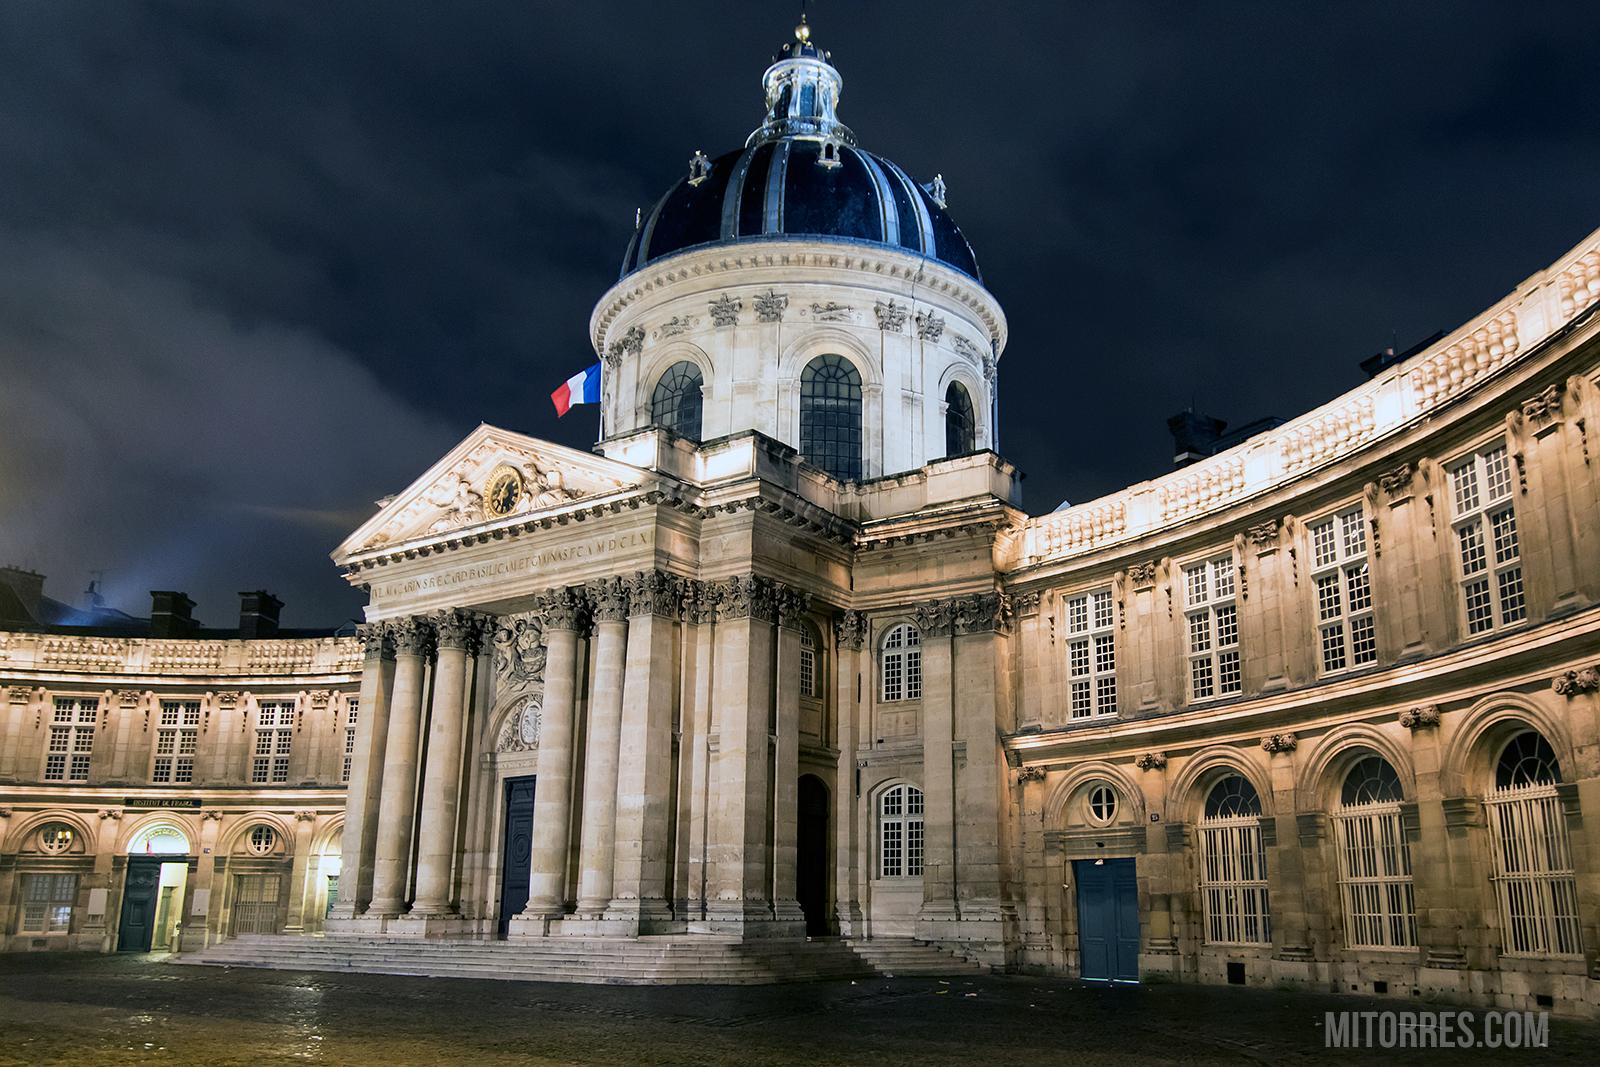 Institut de France in Paris. Photo: Marlon I. Torres